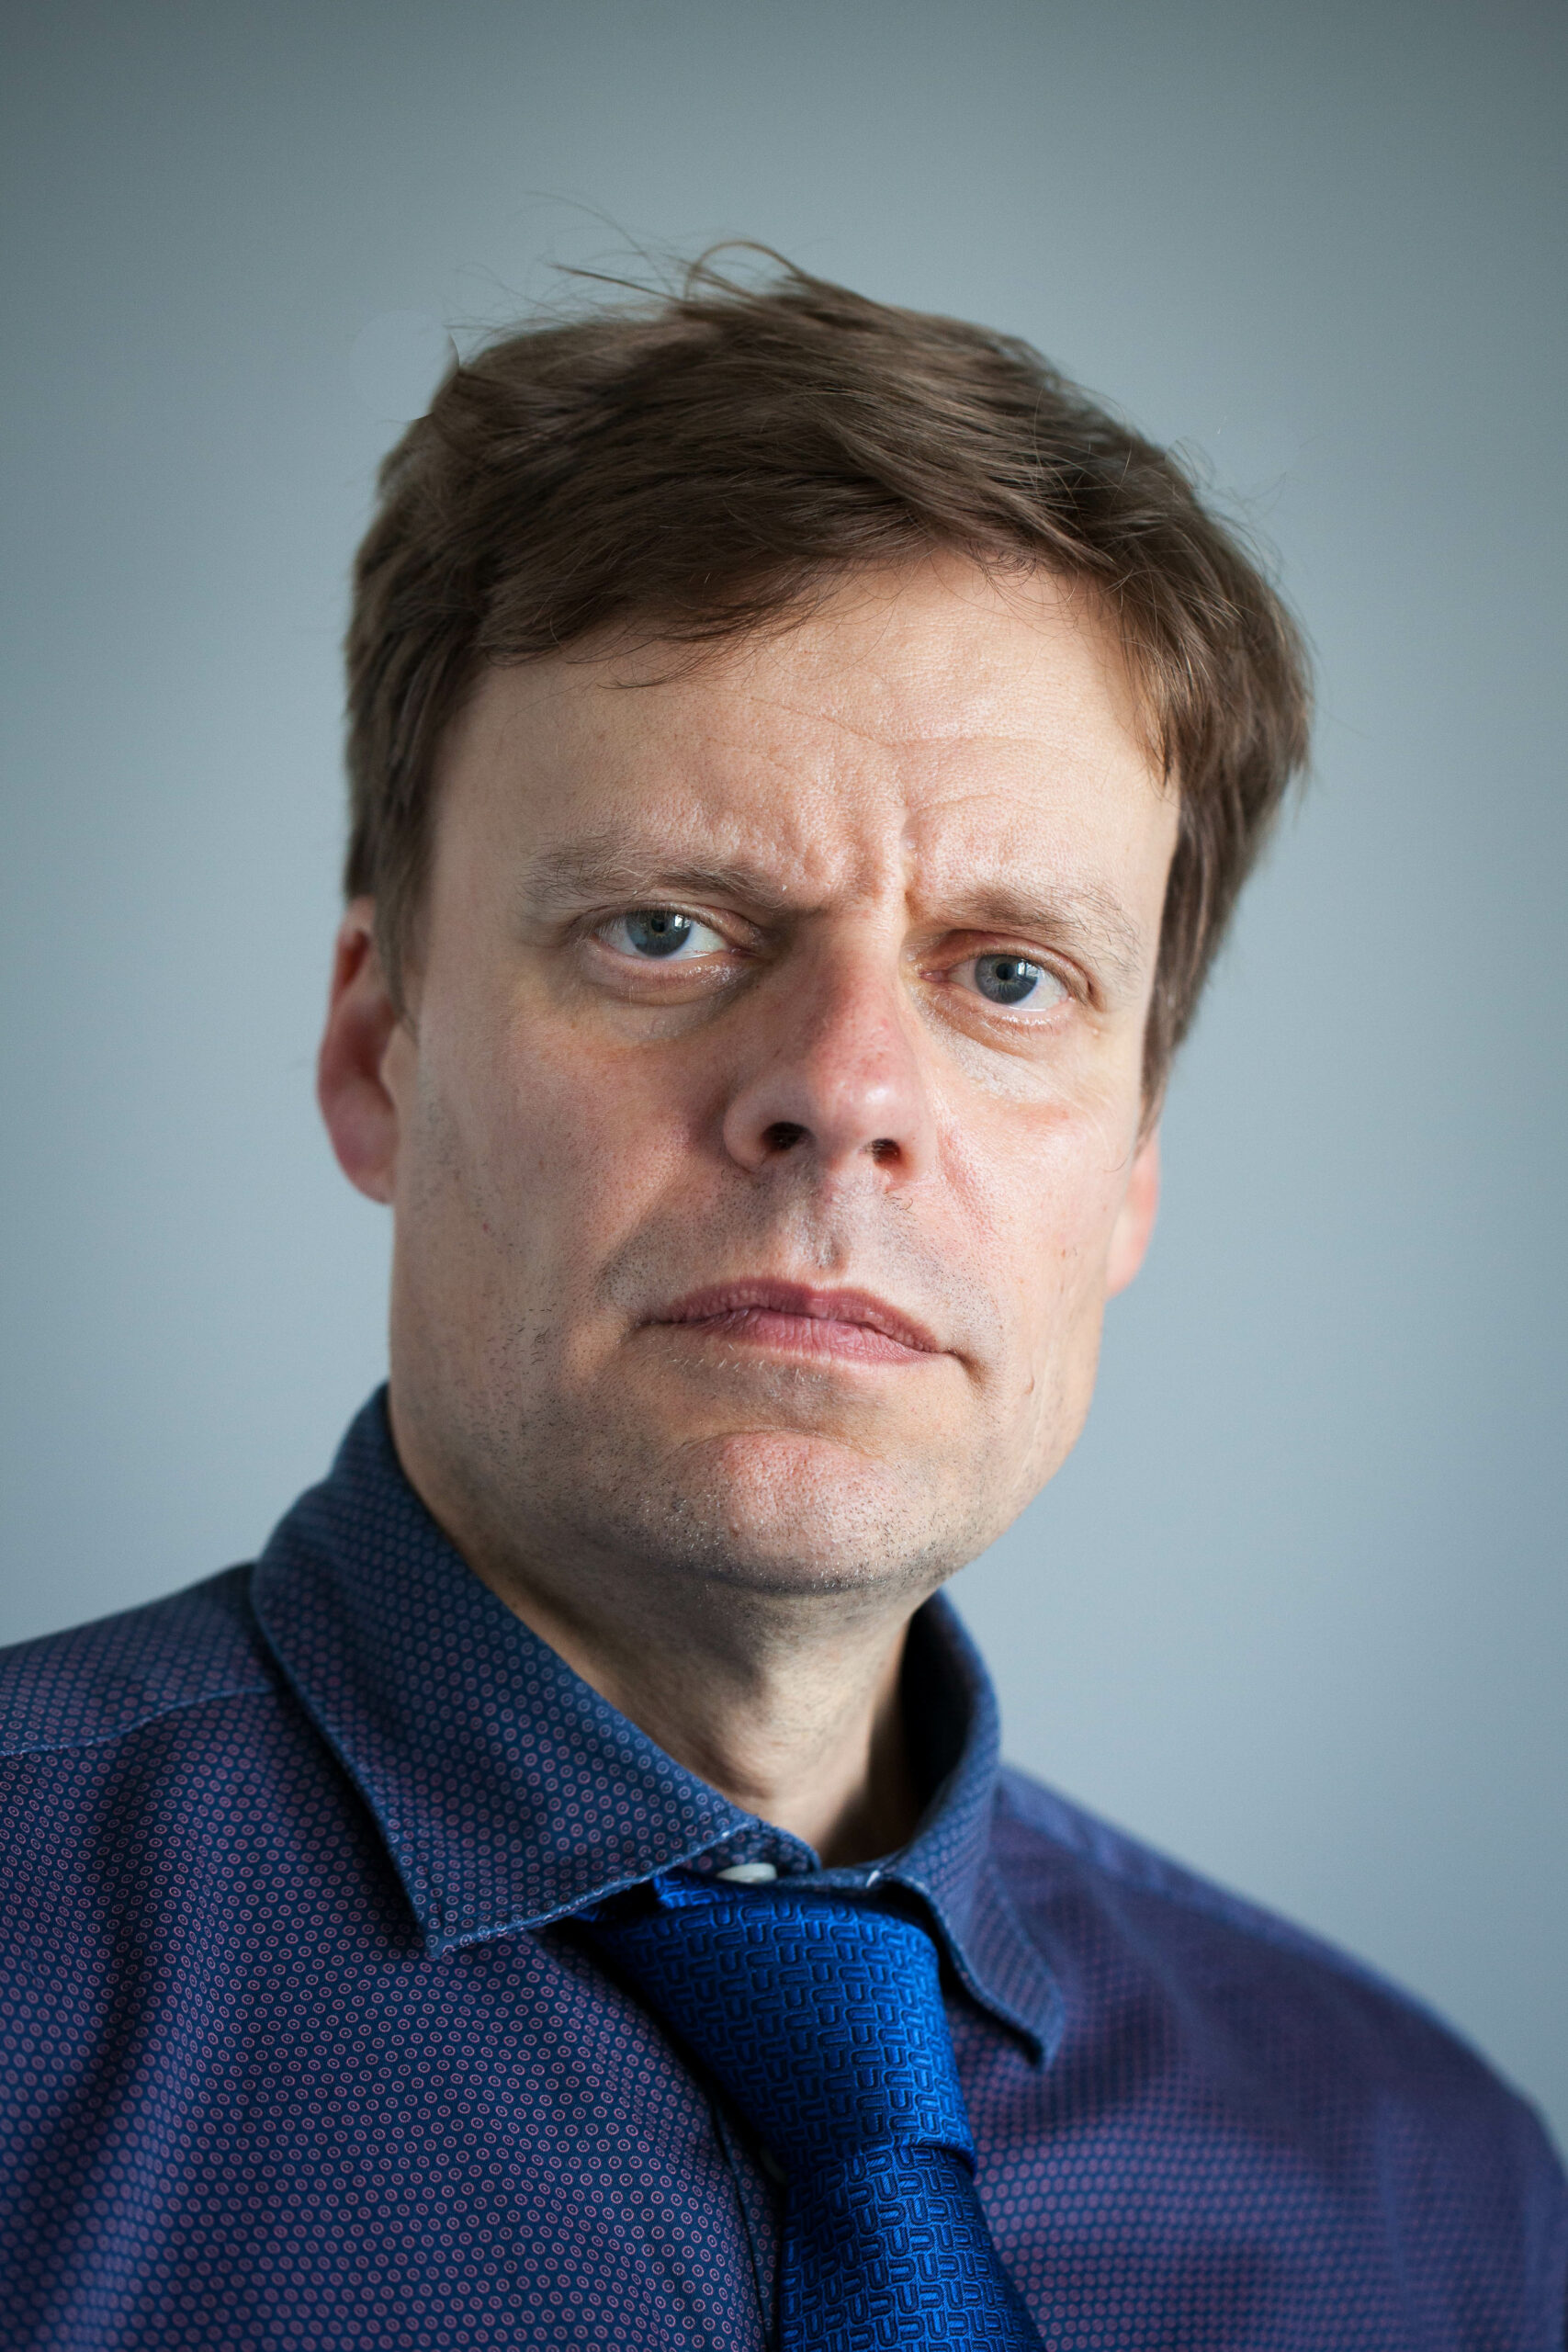 Tilman Lueder